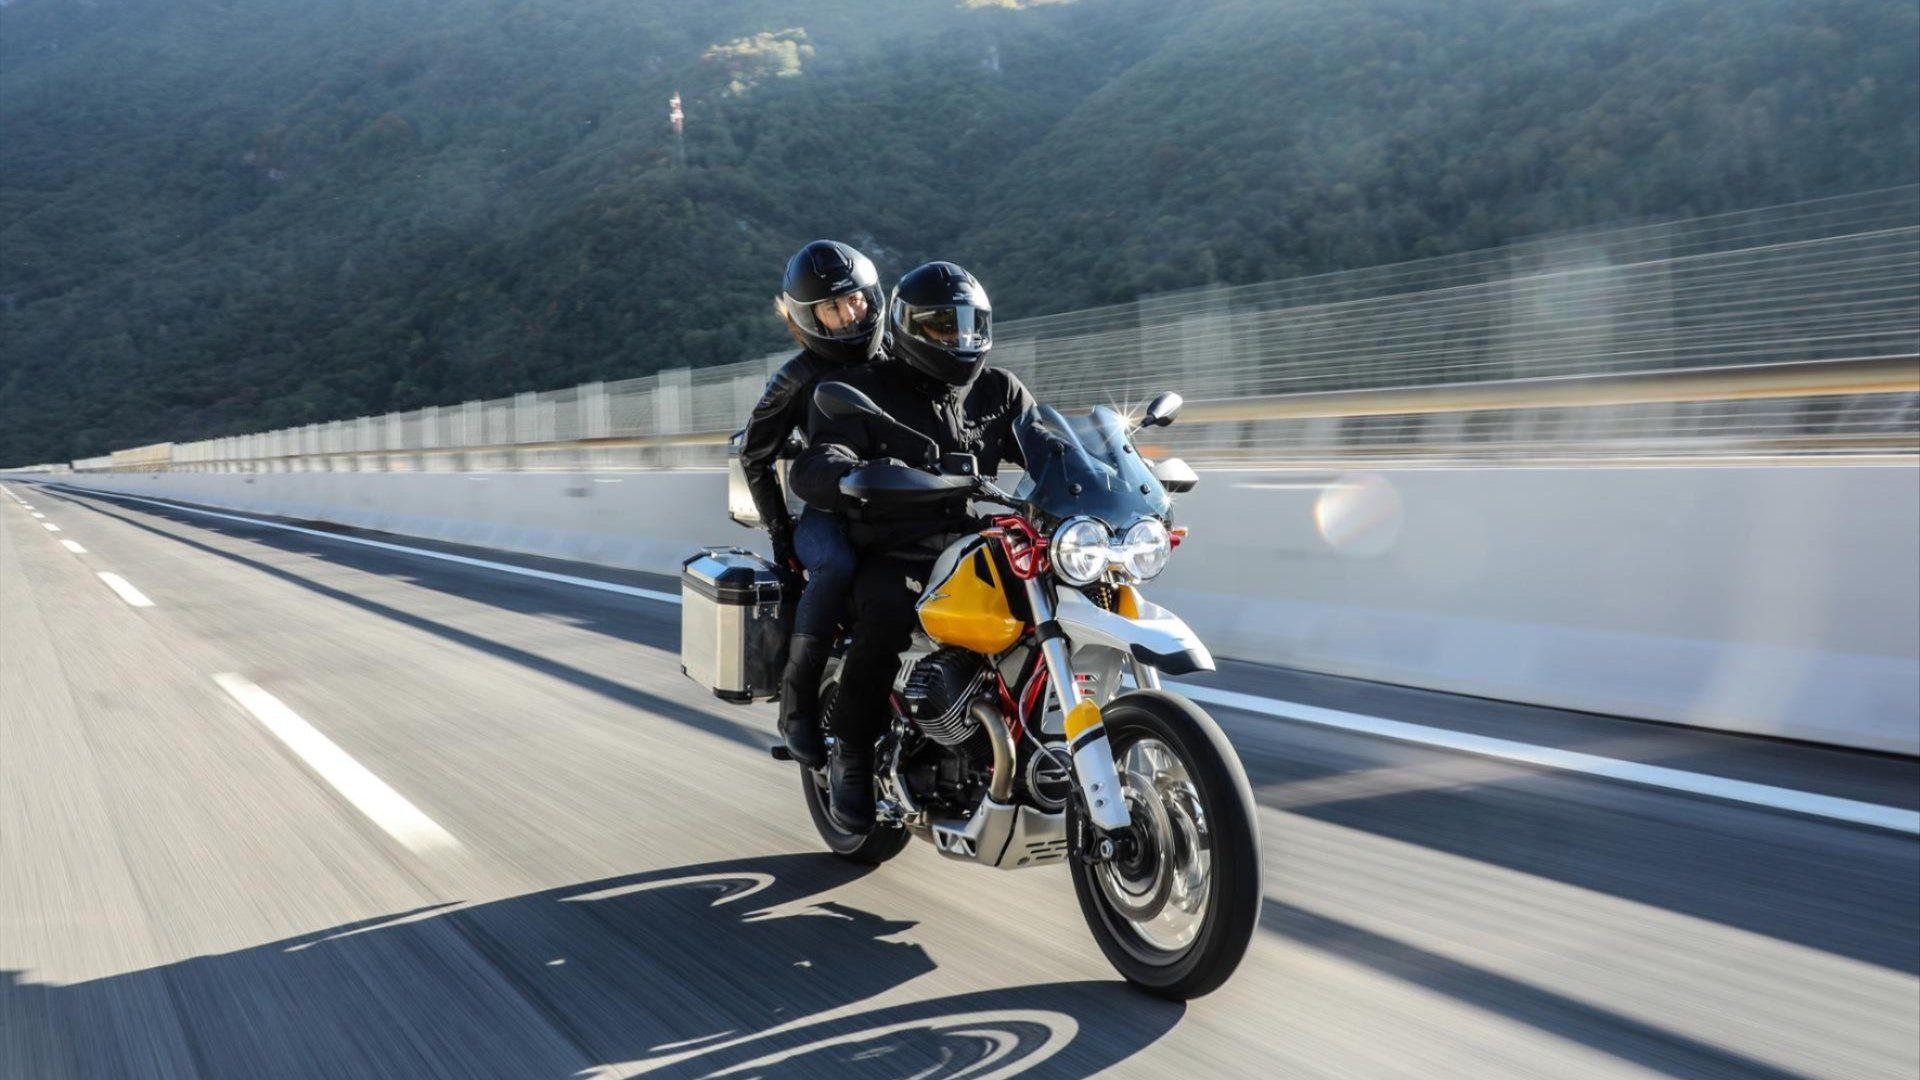 Moto Guzzi V85 TT: Meer dan 8.000 aanvragen voor testritten in heel Europa